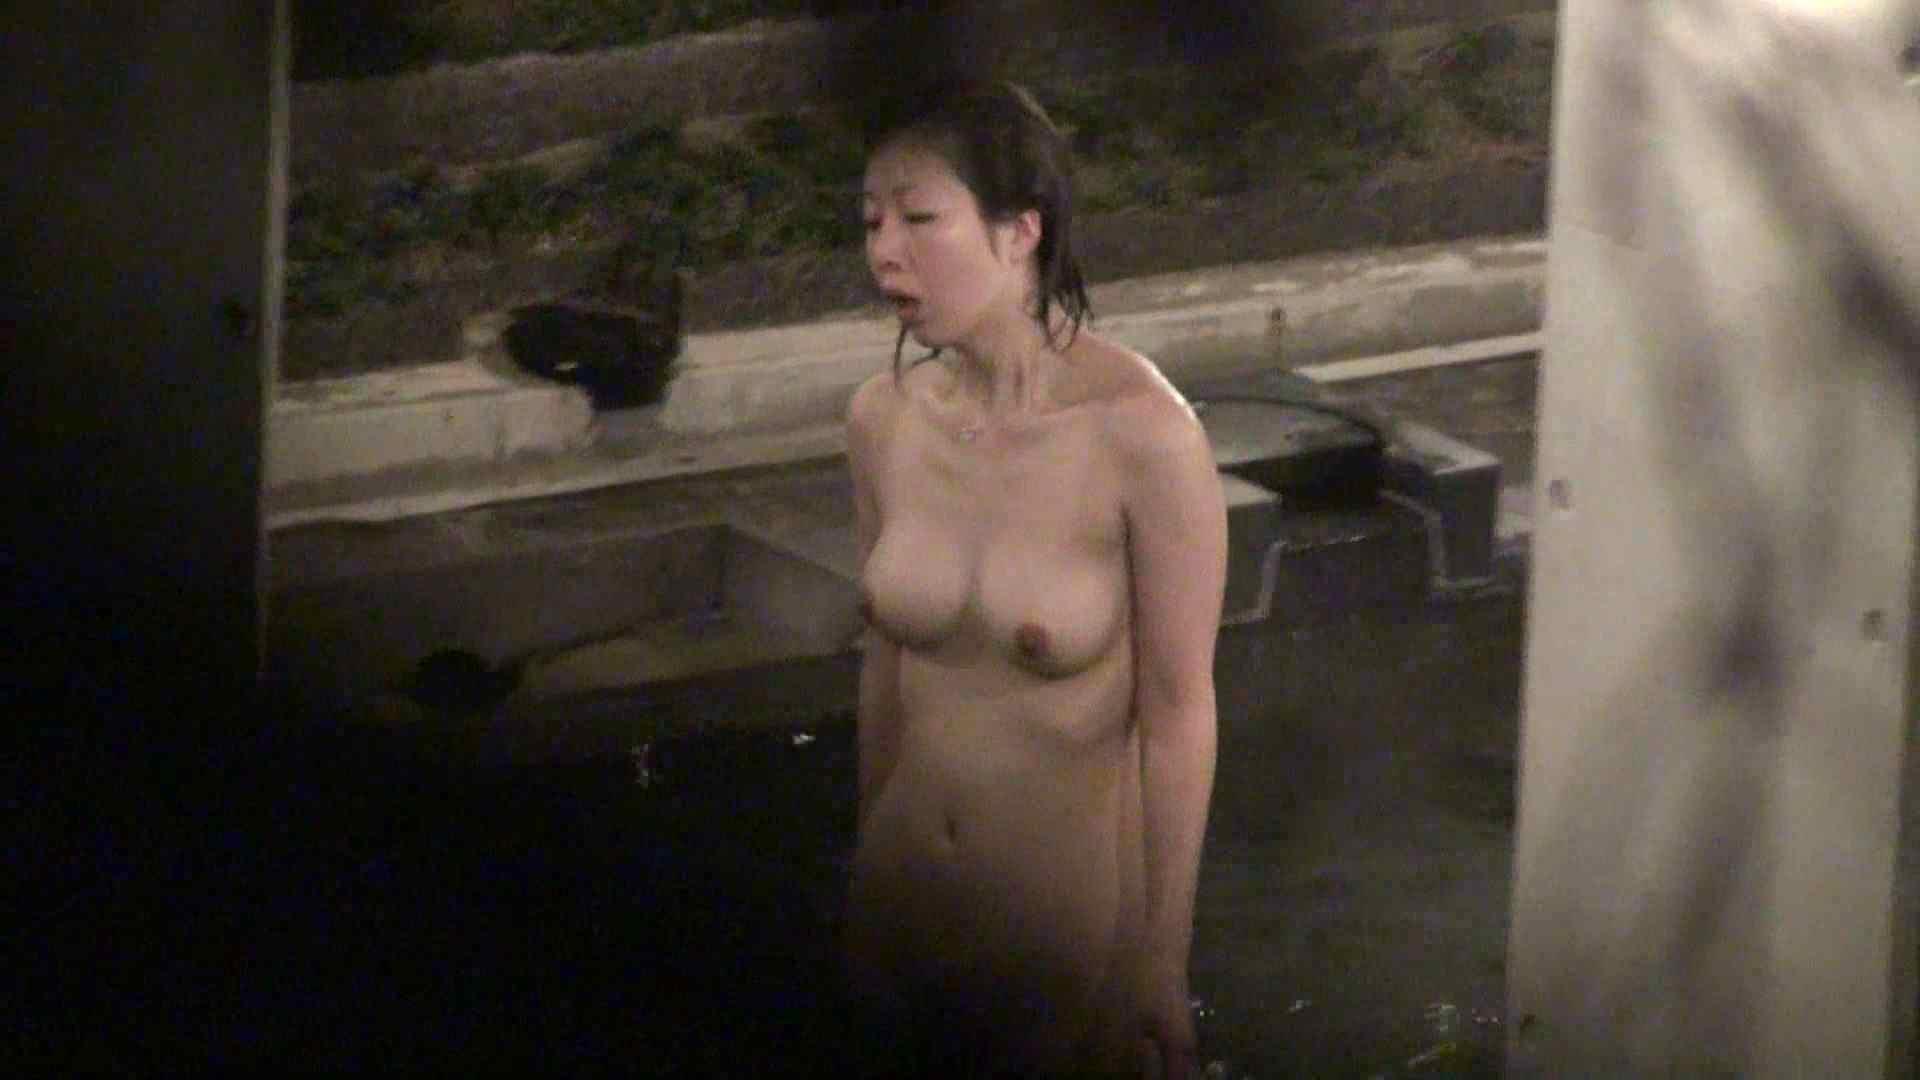 Aquaな露天風呂Vol.431 OLエロ画像 隠し撮りすけべAV動画紹介 46PICs 20